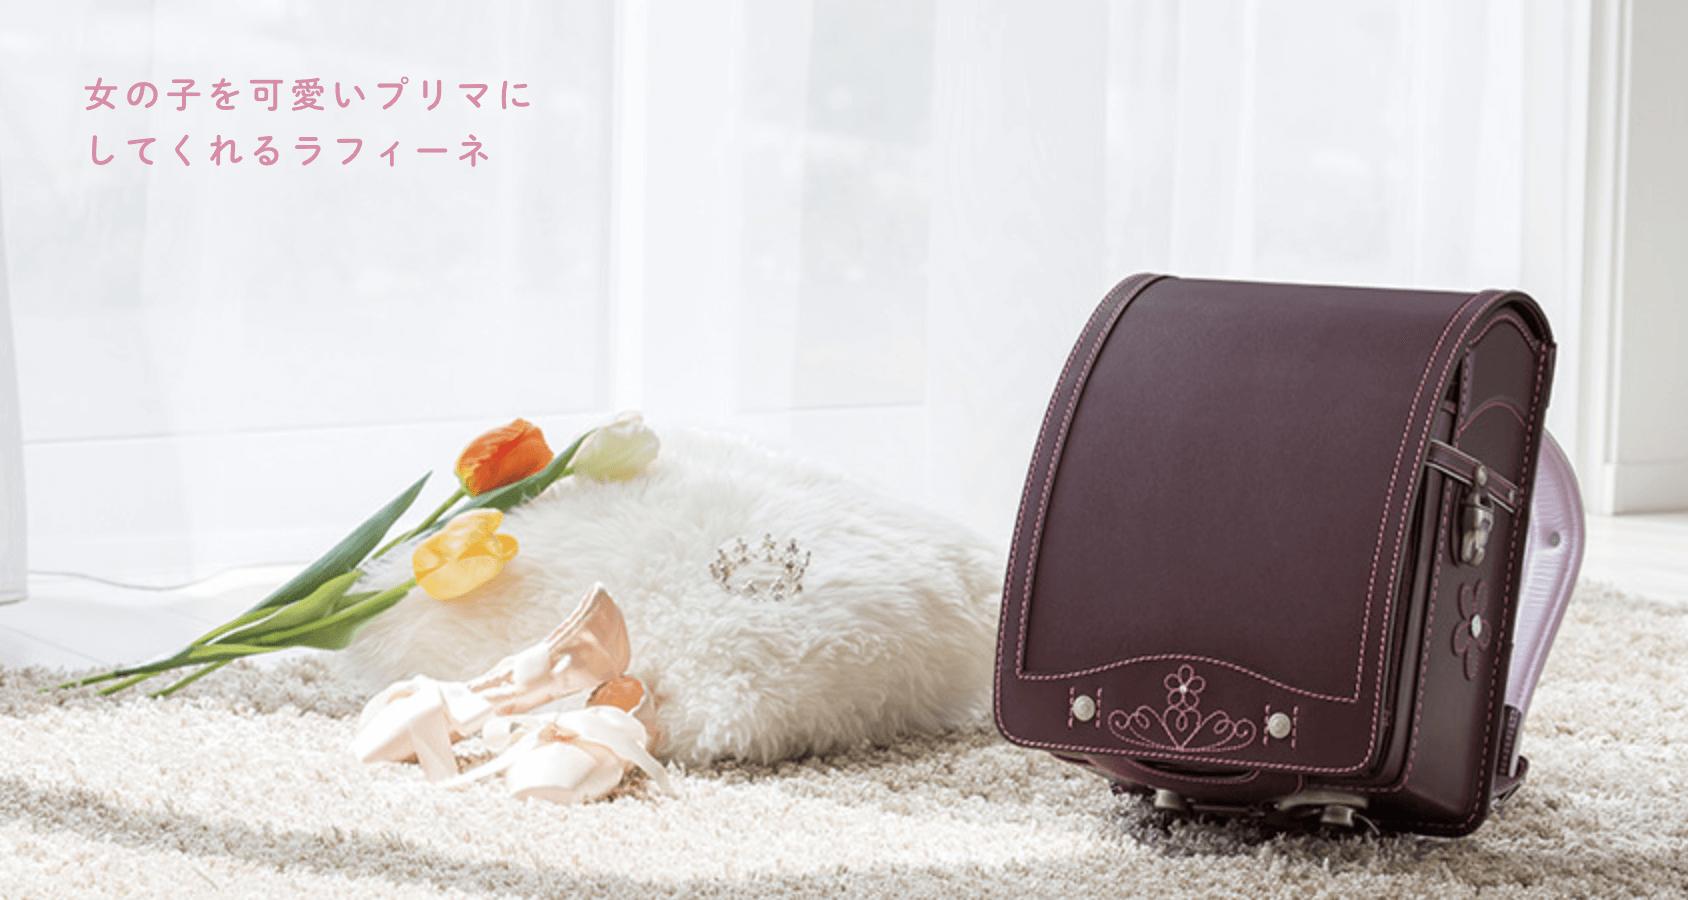 鞄工房山本ラフィーネ(牛革)のイメージ